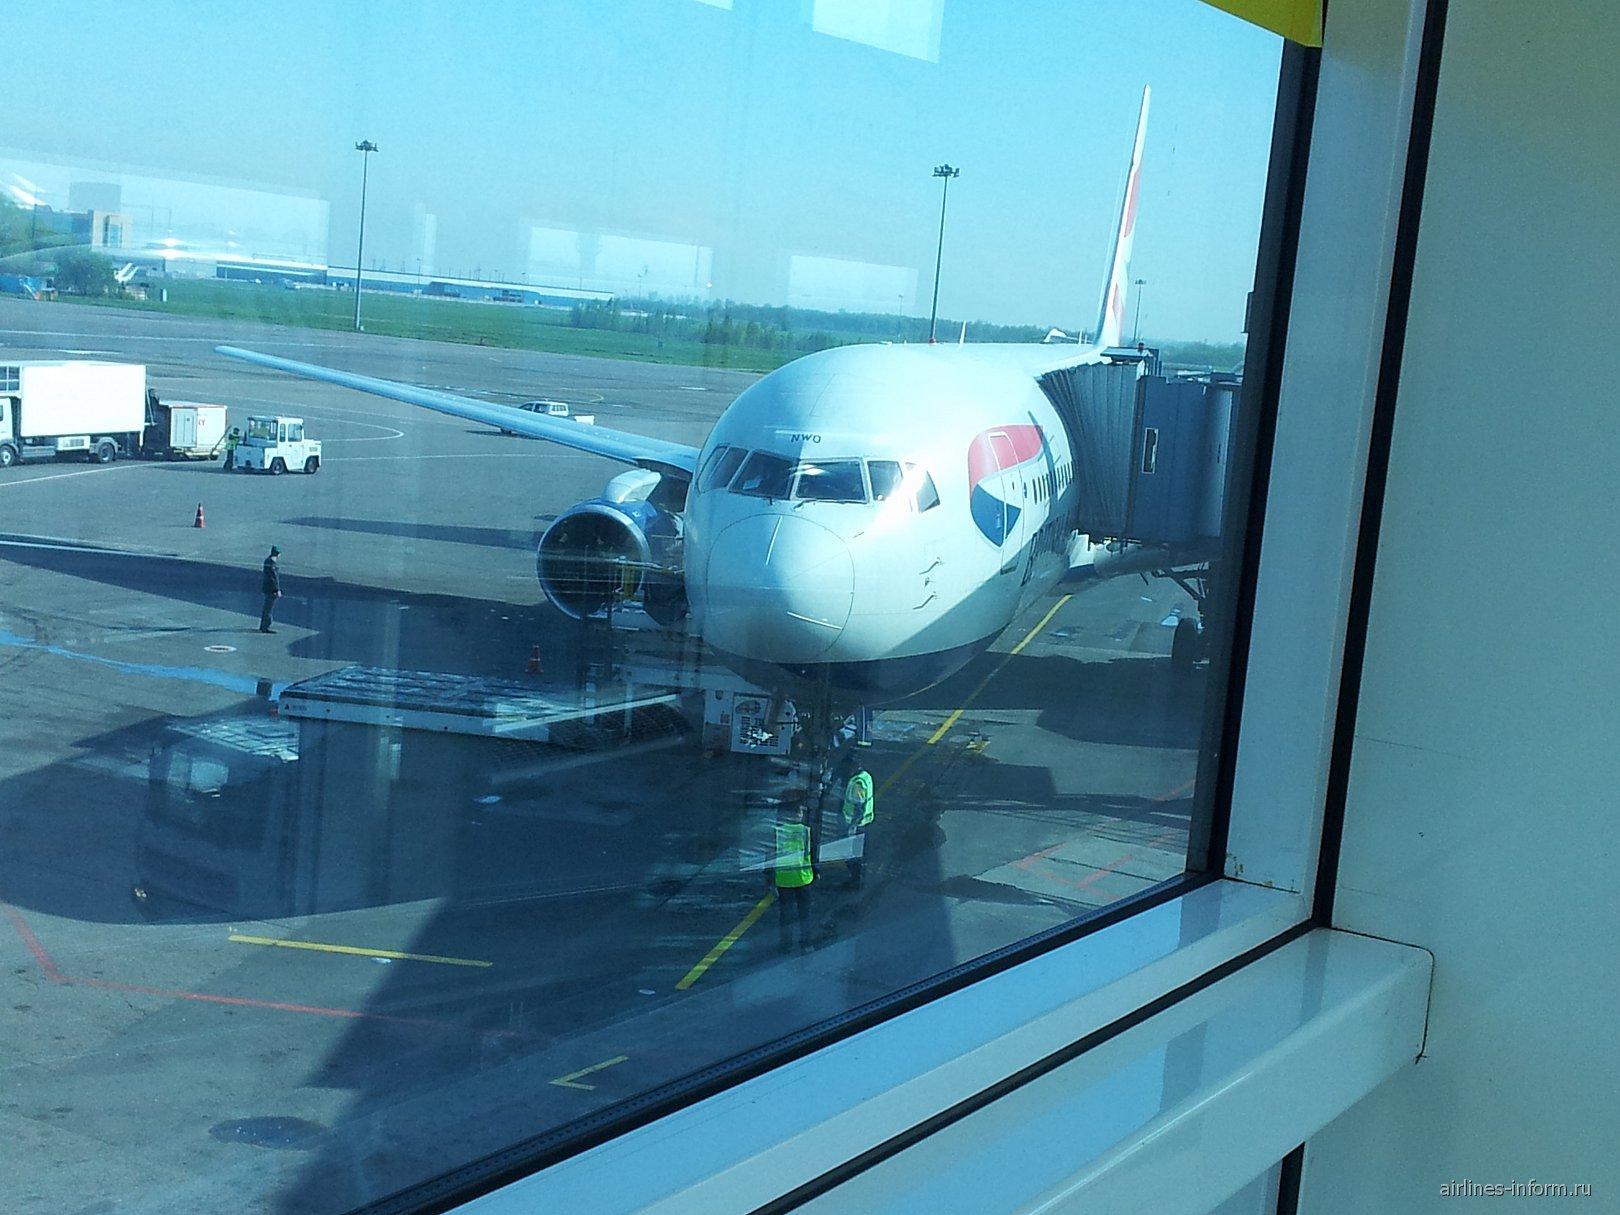 Посадка на рейс Алматы-Лондон Британских авиалиний